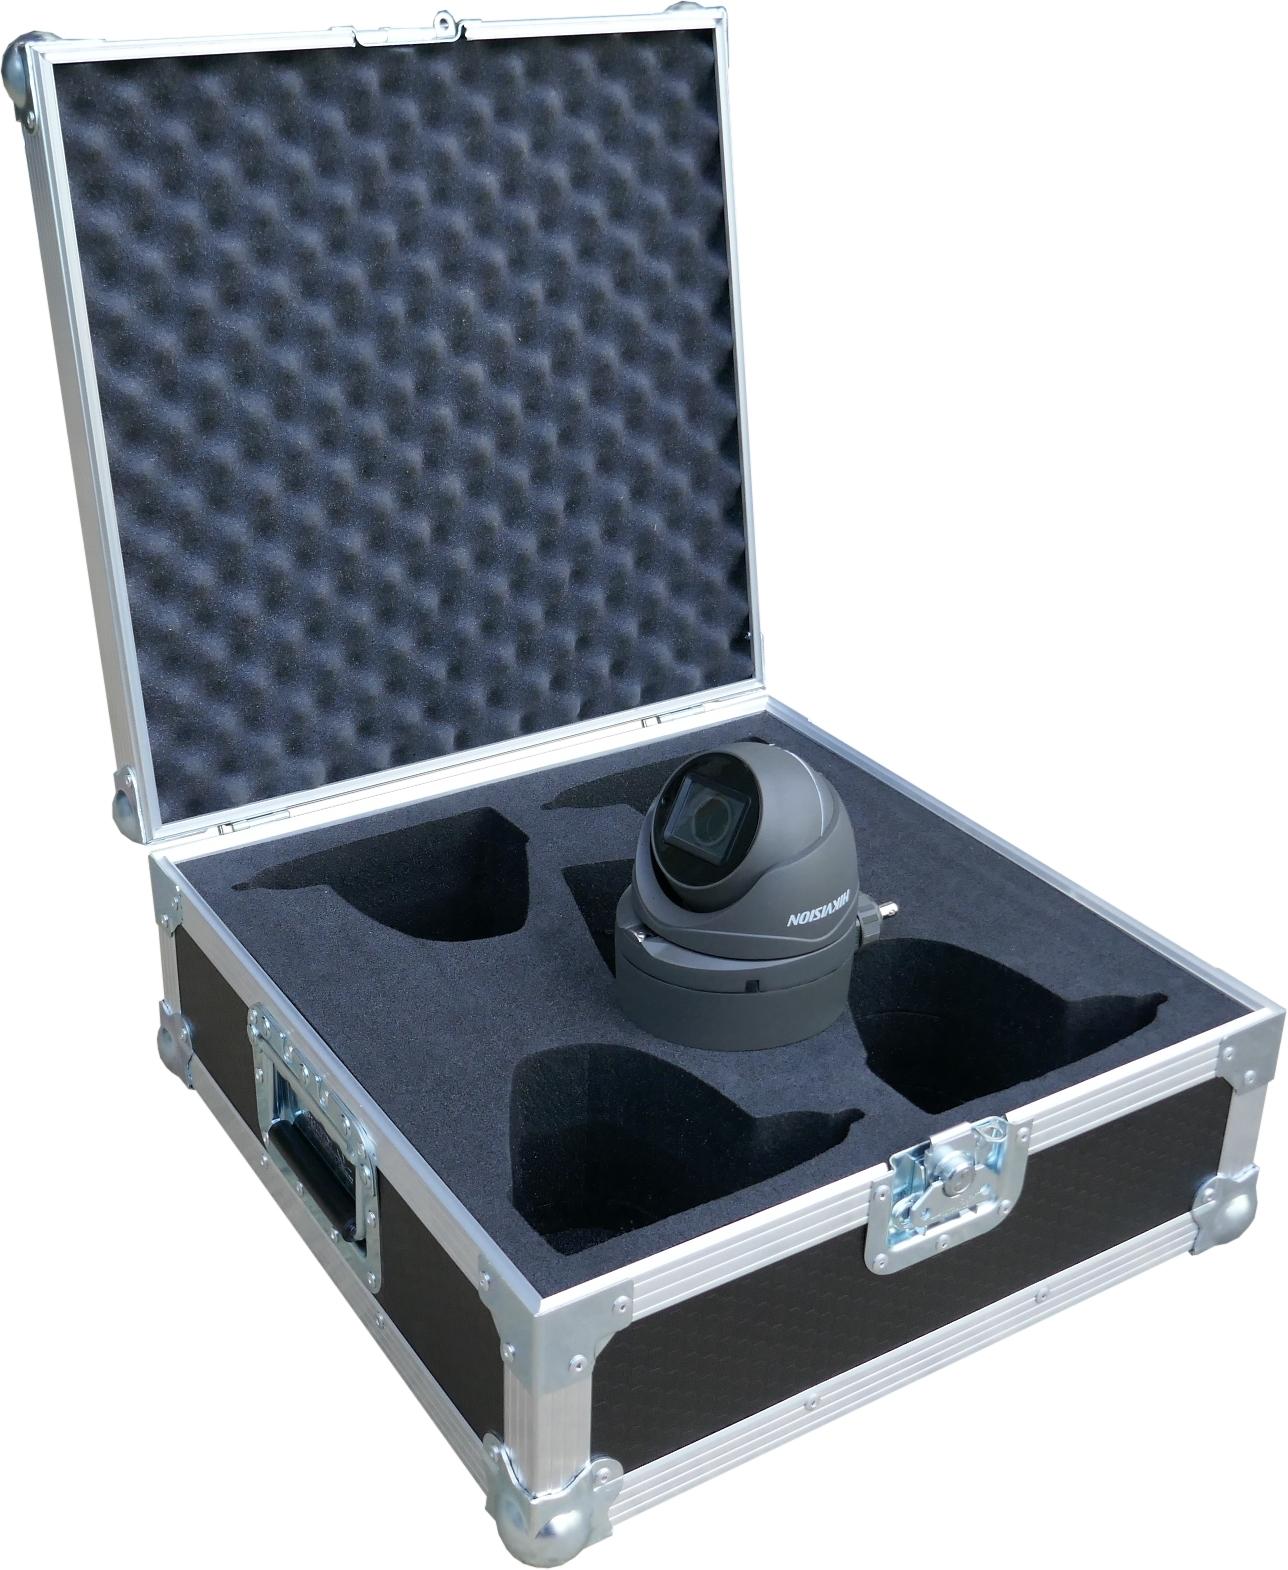 CCTV Camera Flightcases